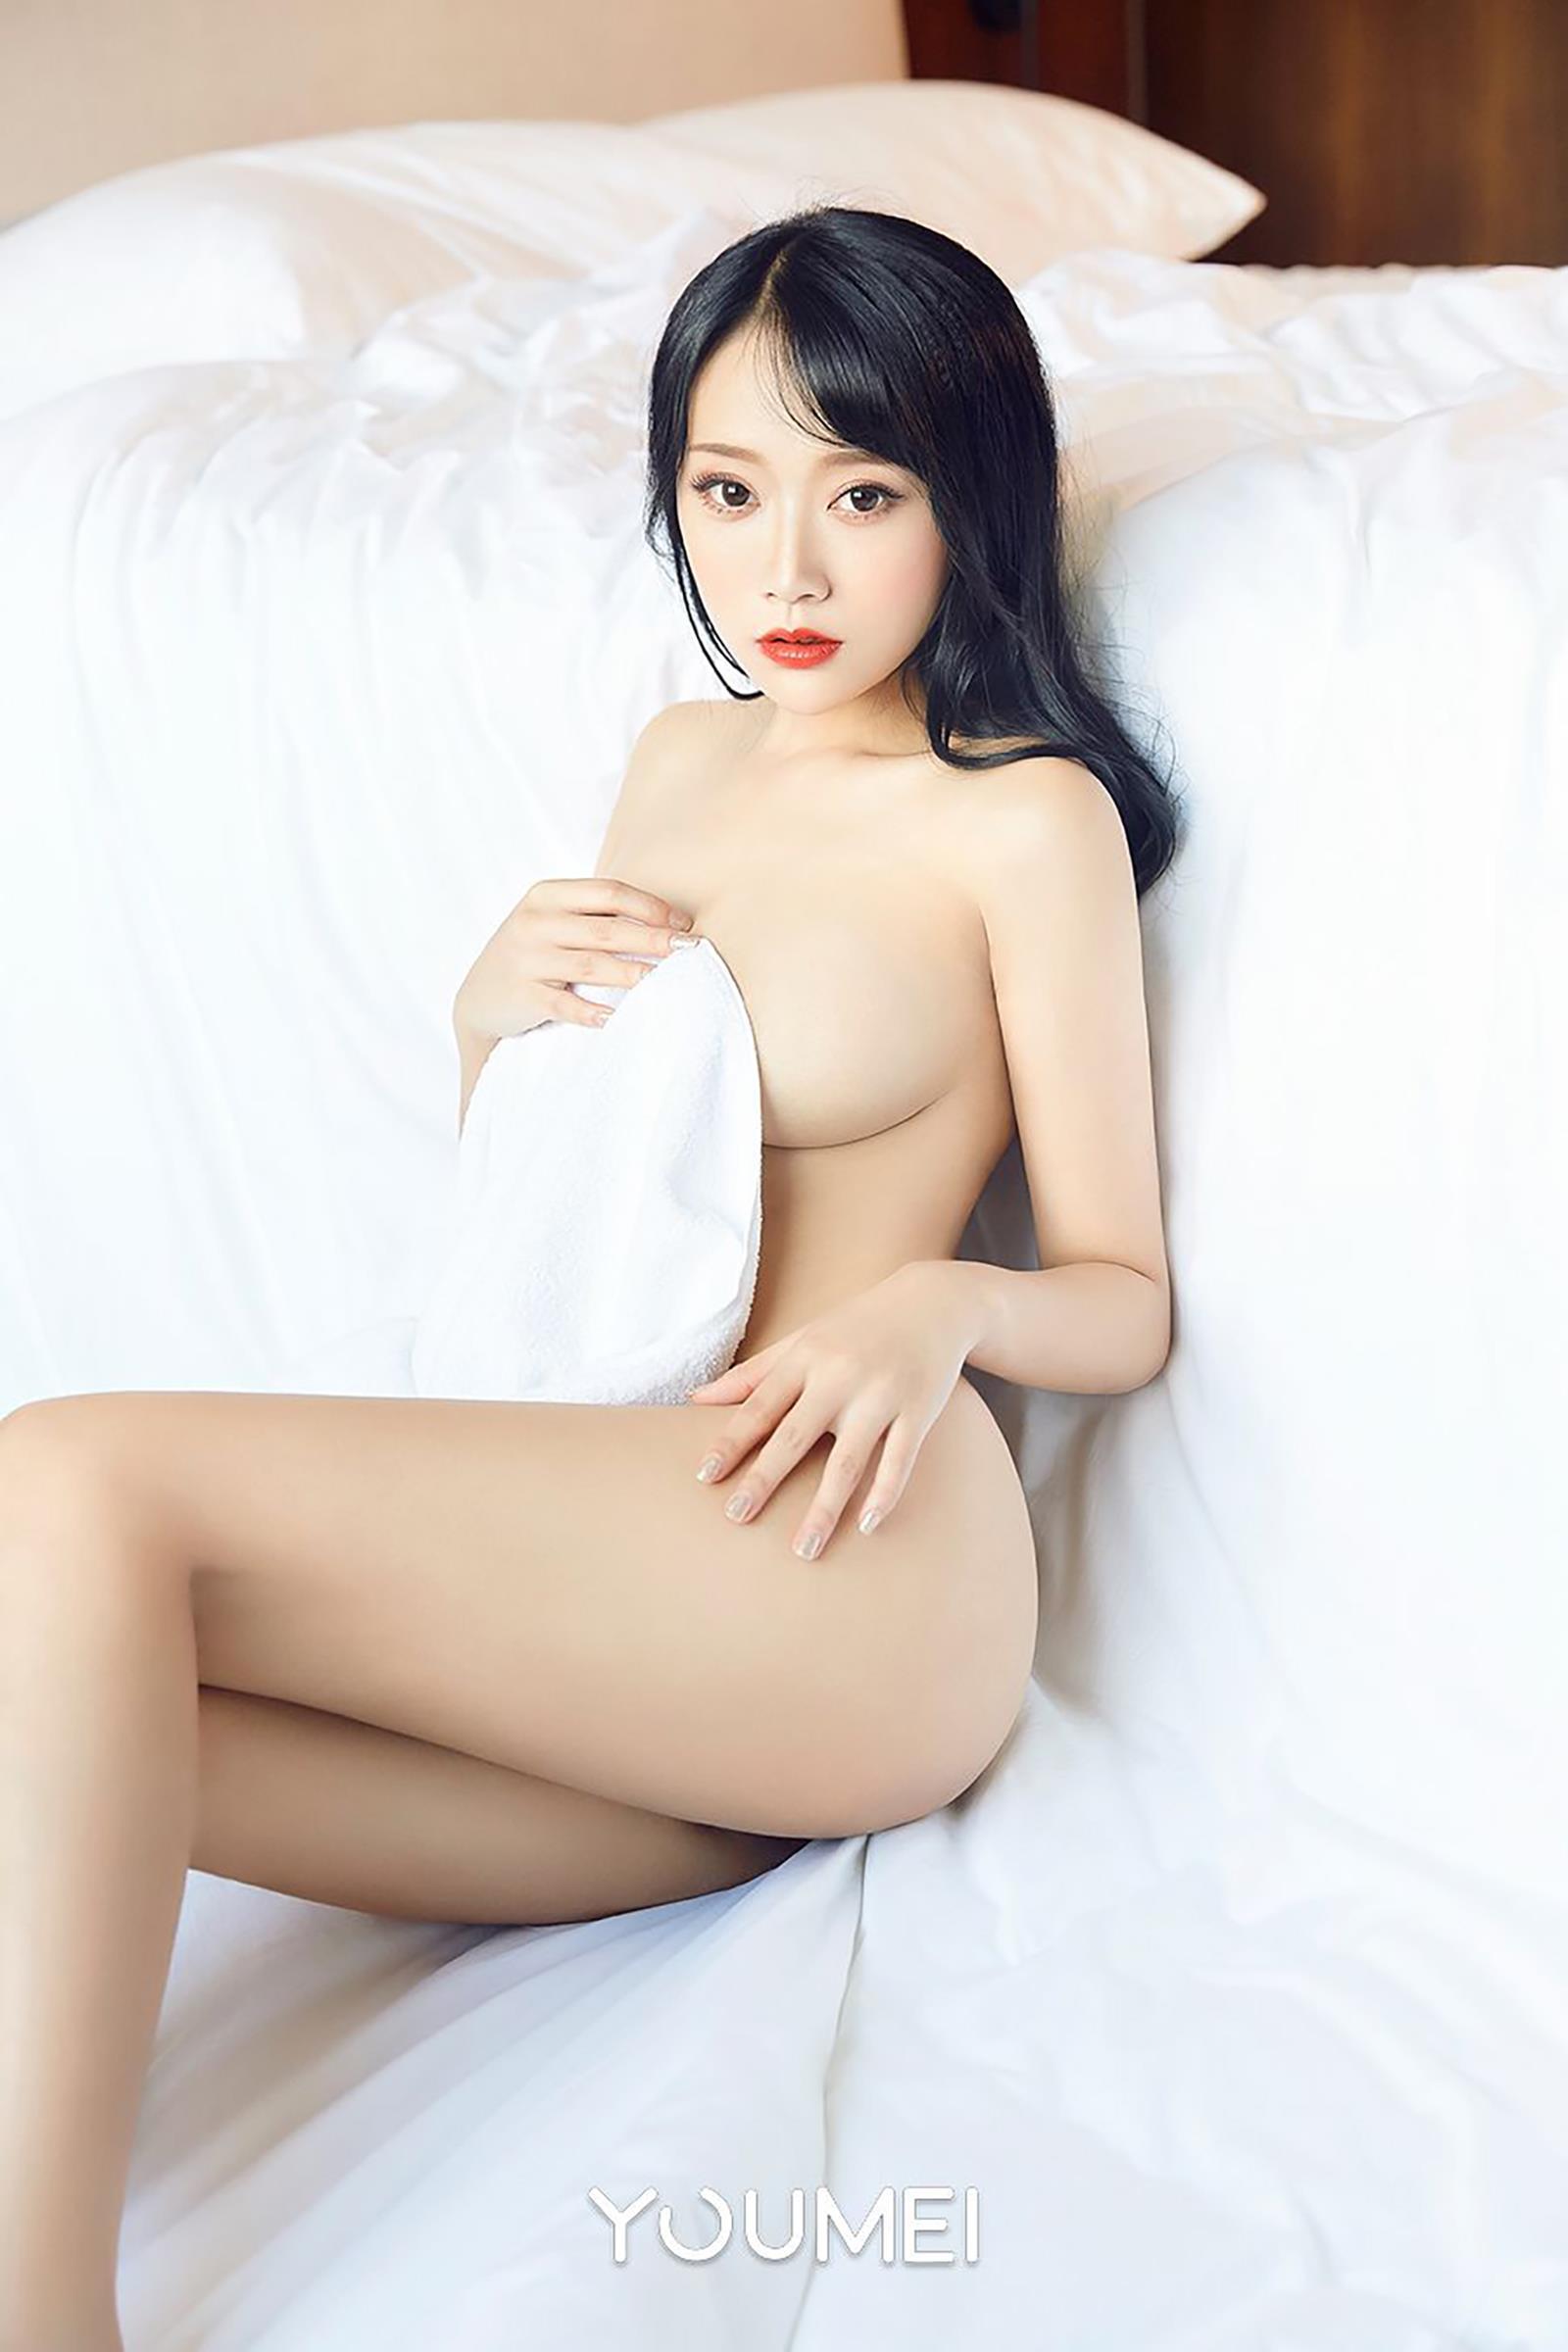 [YouMei尤美]Vol.070 真空诱惑 何嘉颖 白色紧身背心与半裸性感玉体私房写真集